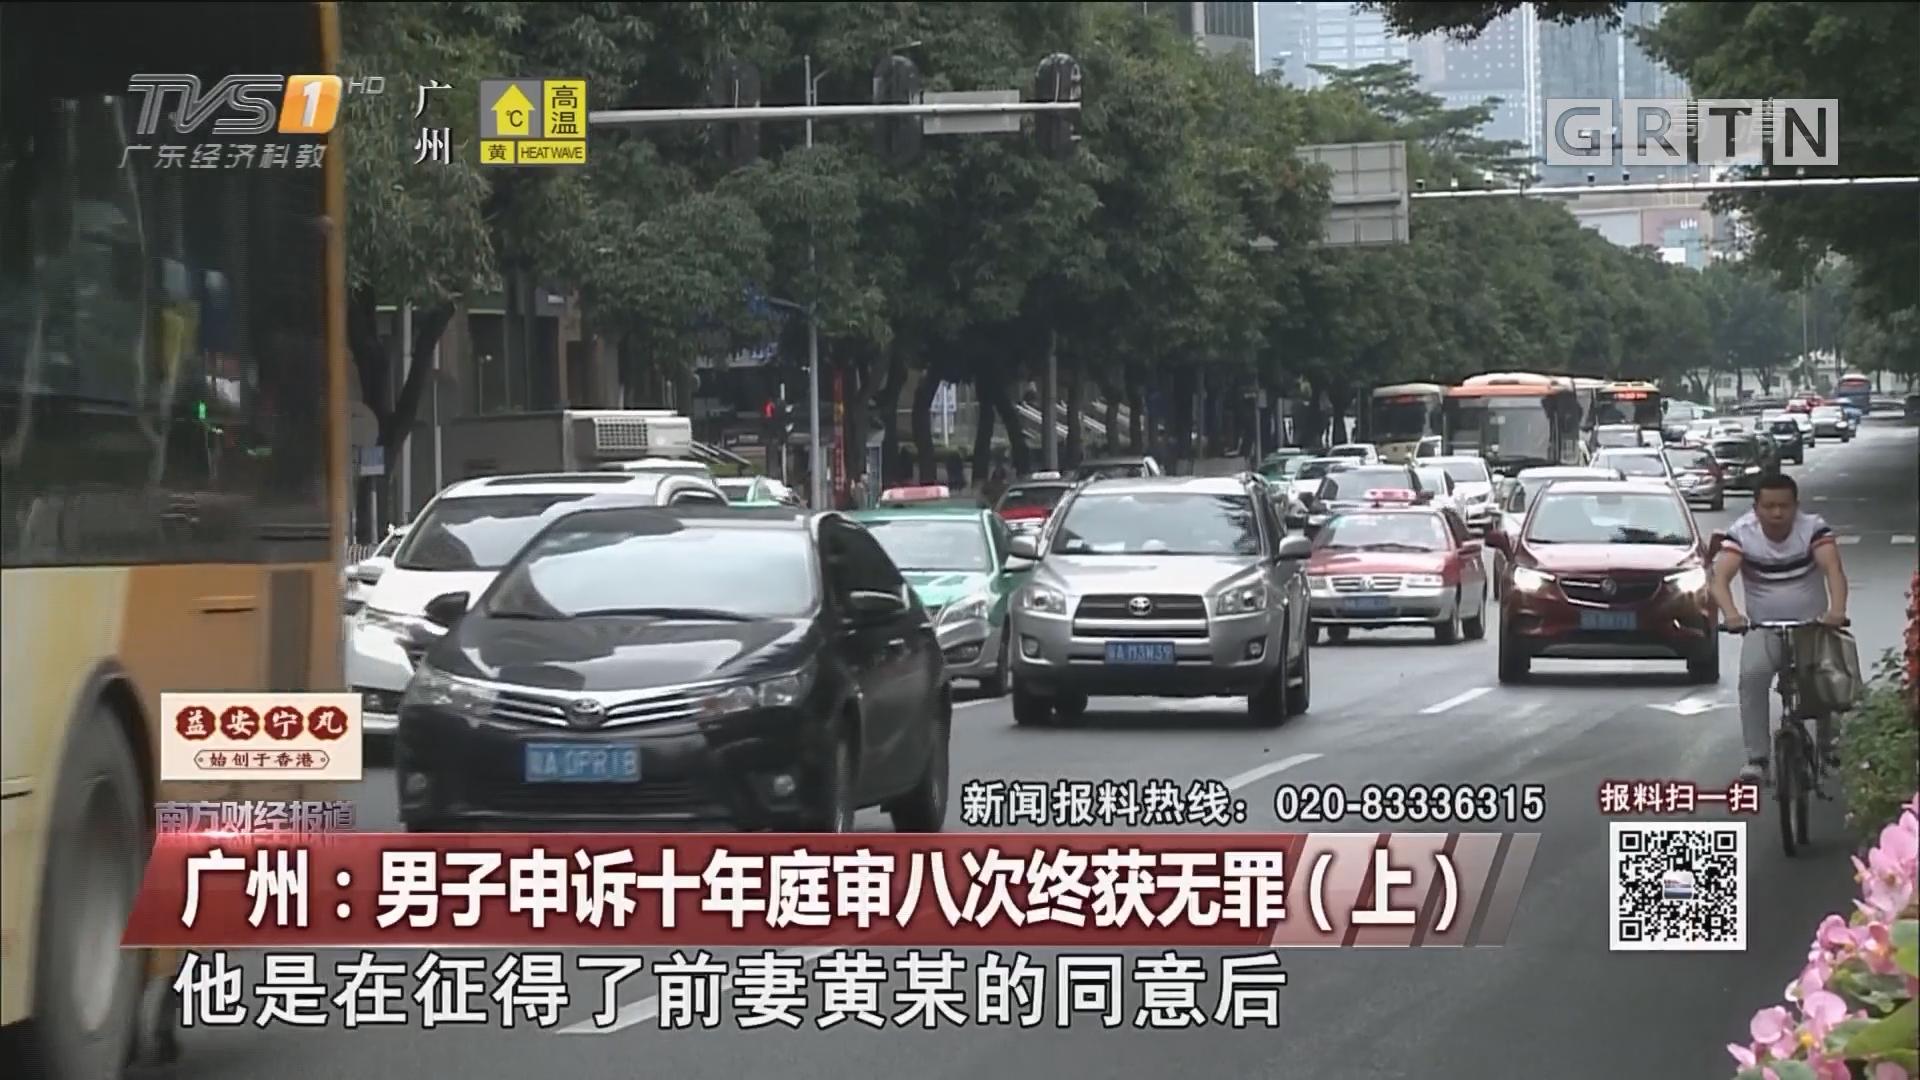 广州:男子申诉十年庭审八次终获无罪(上)